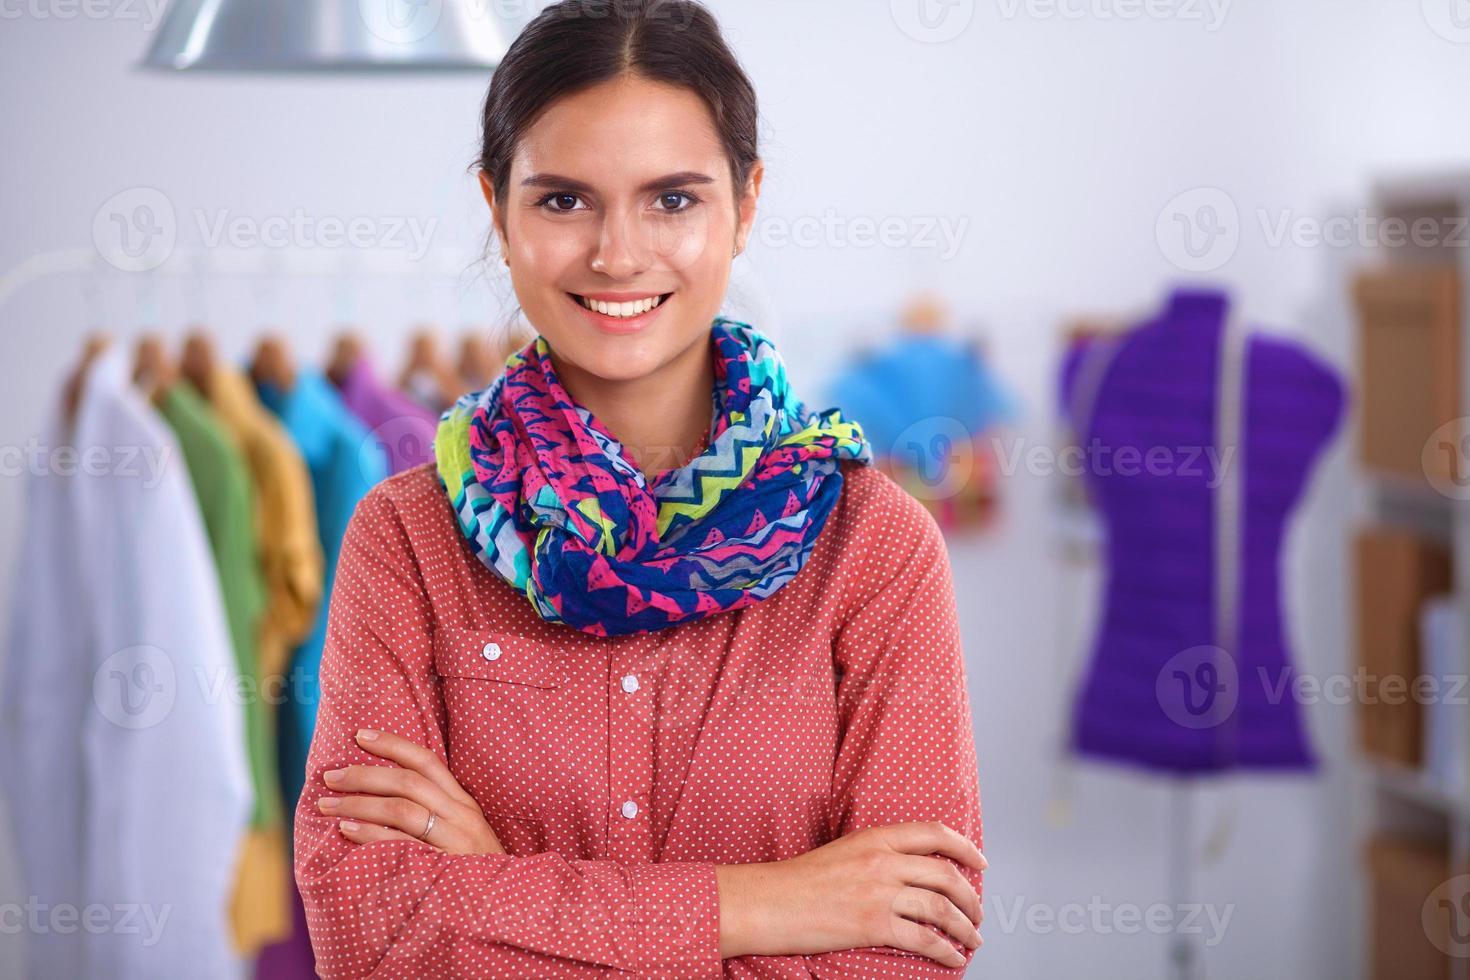 designer di vestiti al lavoro foto